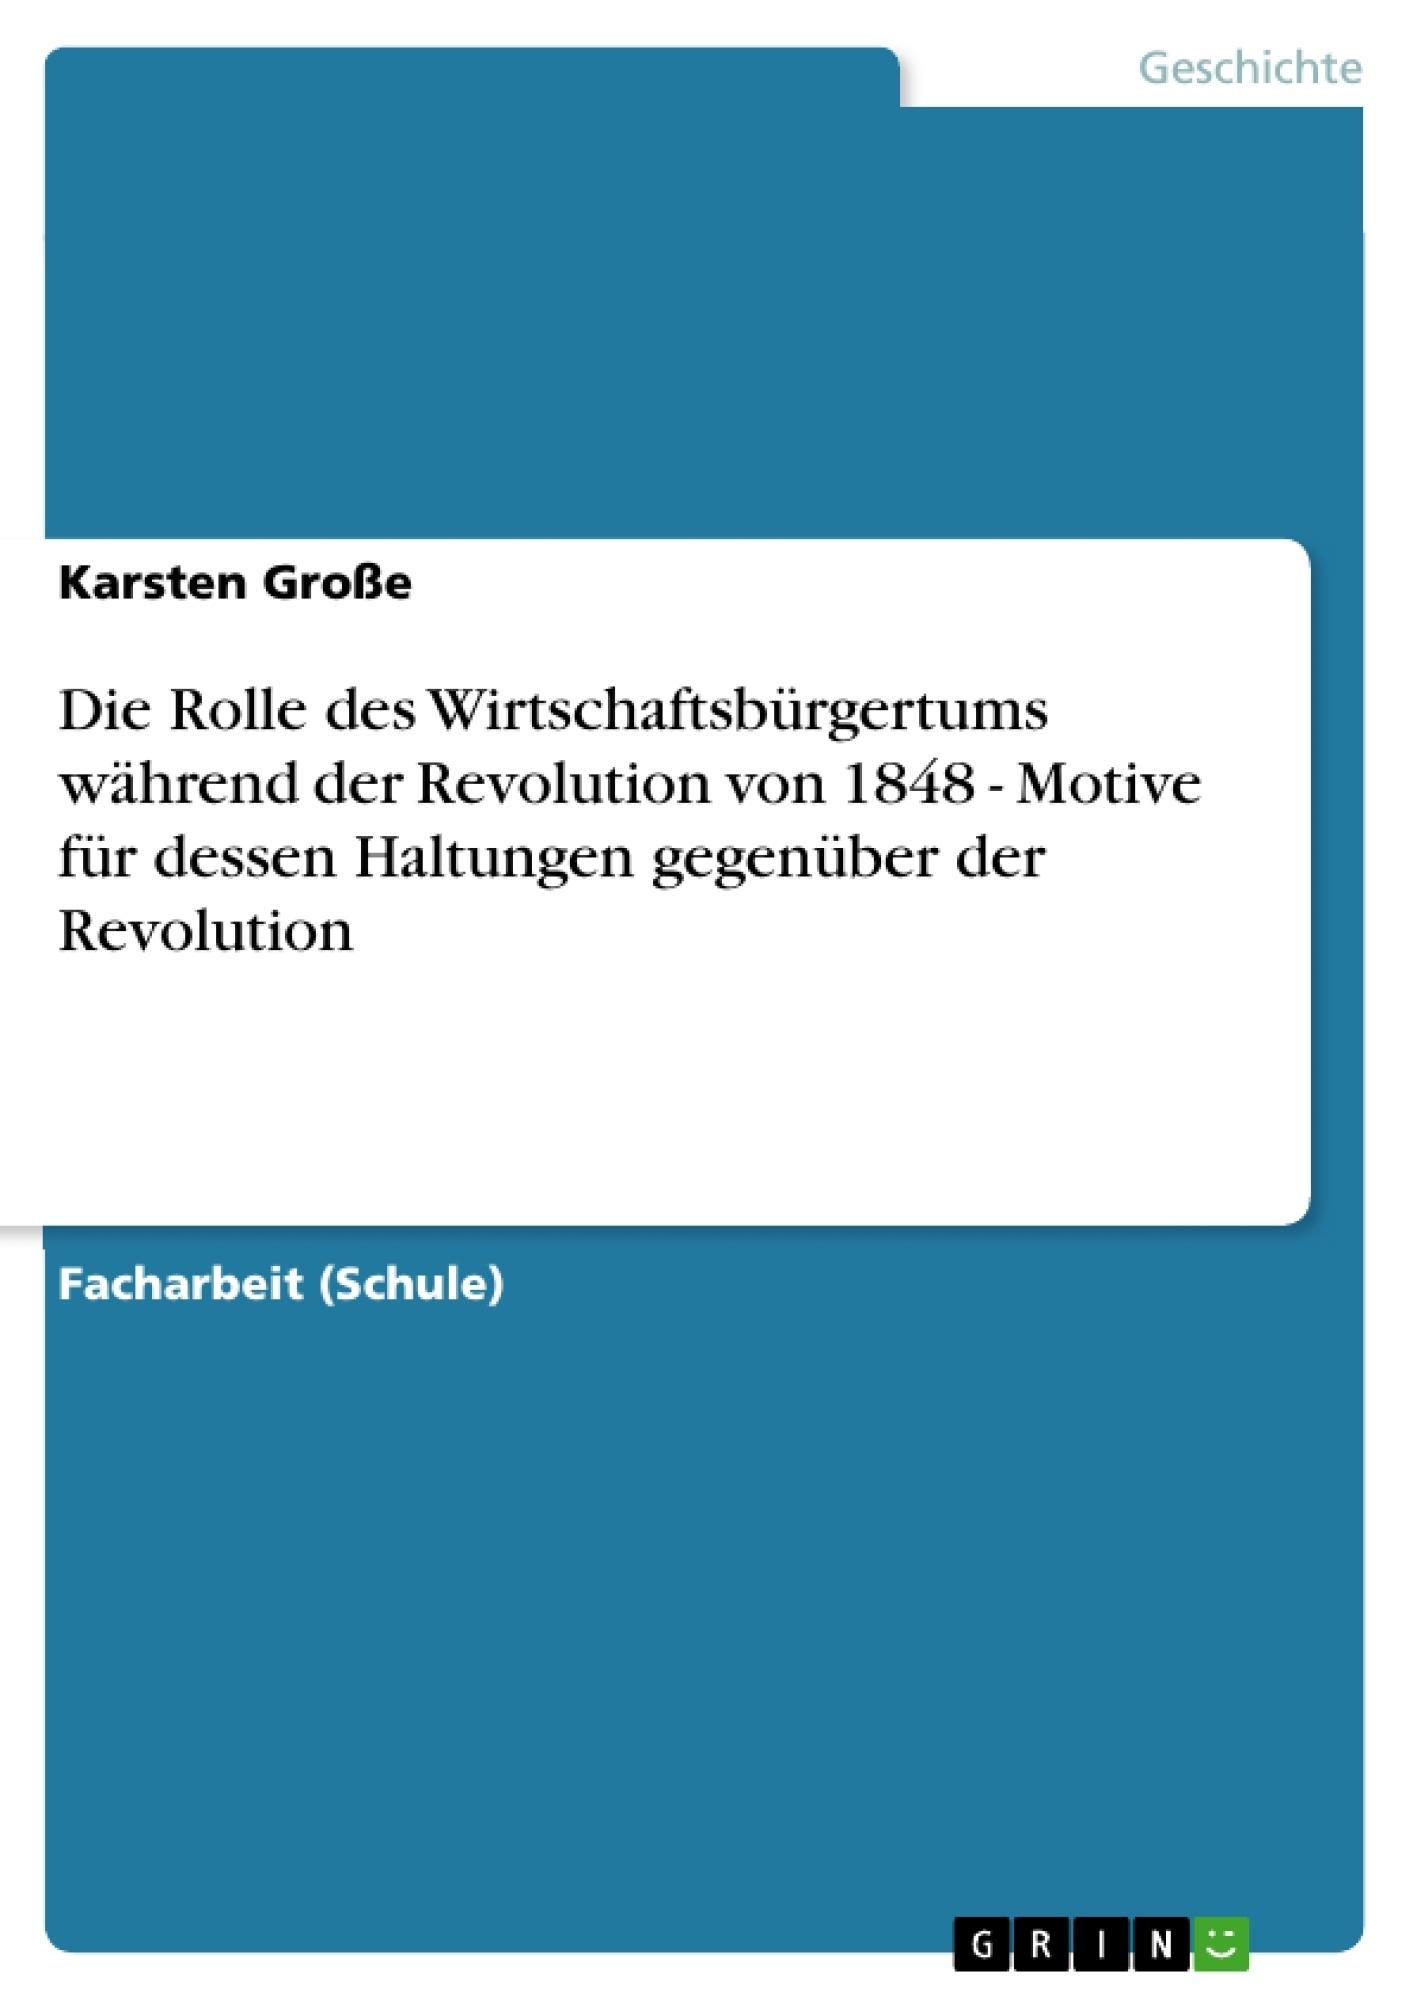 Titel: Die Rolle des Wirtschaftsbürgertums während der Revolution von 1848 - Motive für dessen Haltungen gegenüber der Revolution